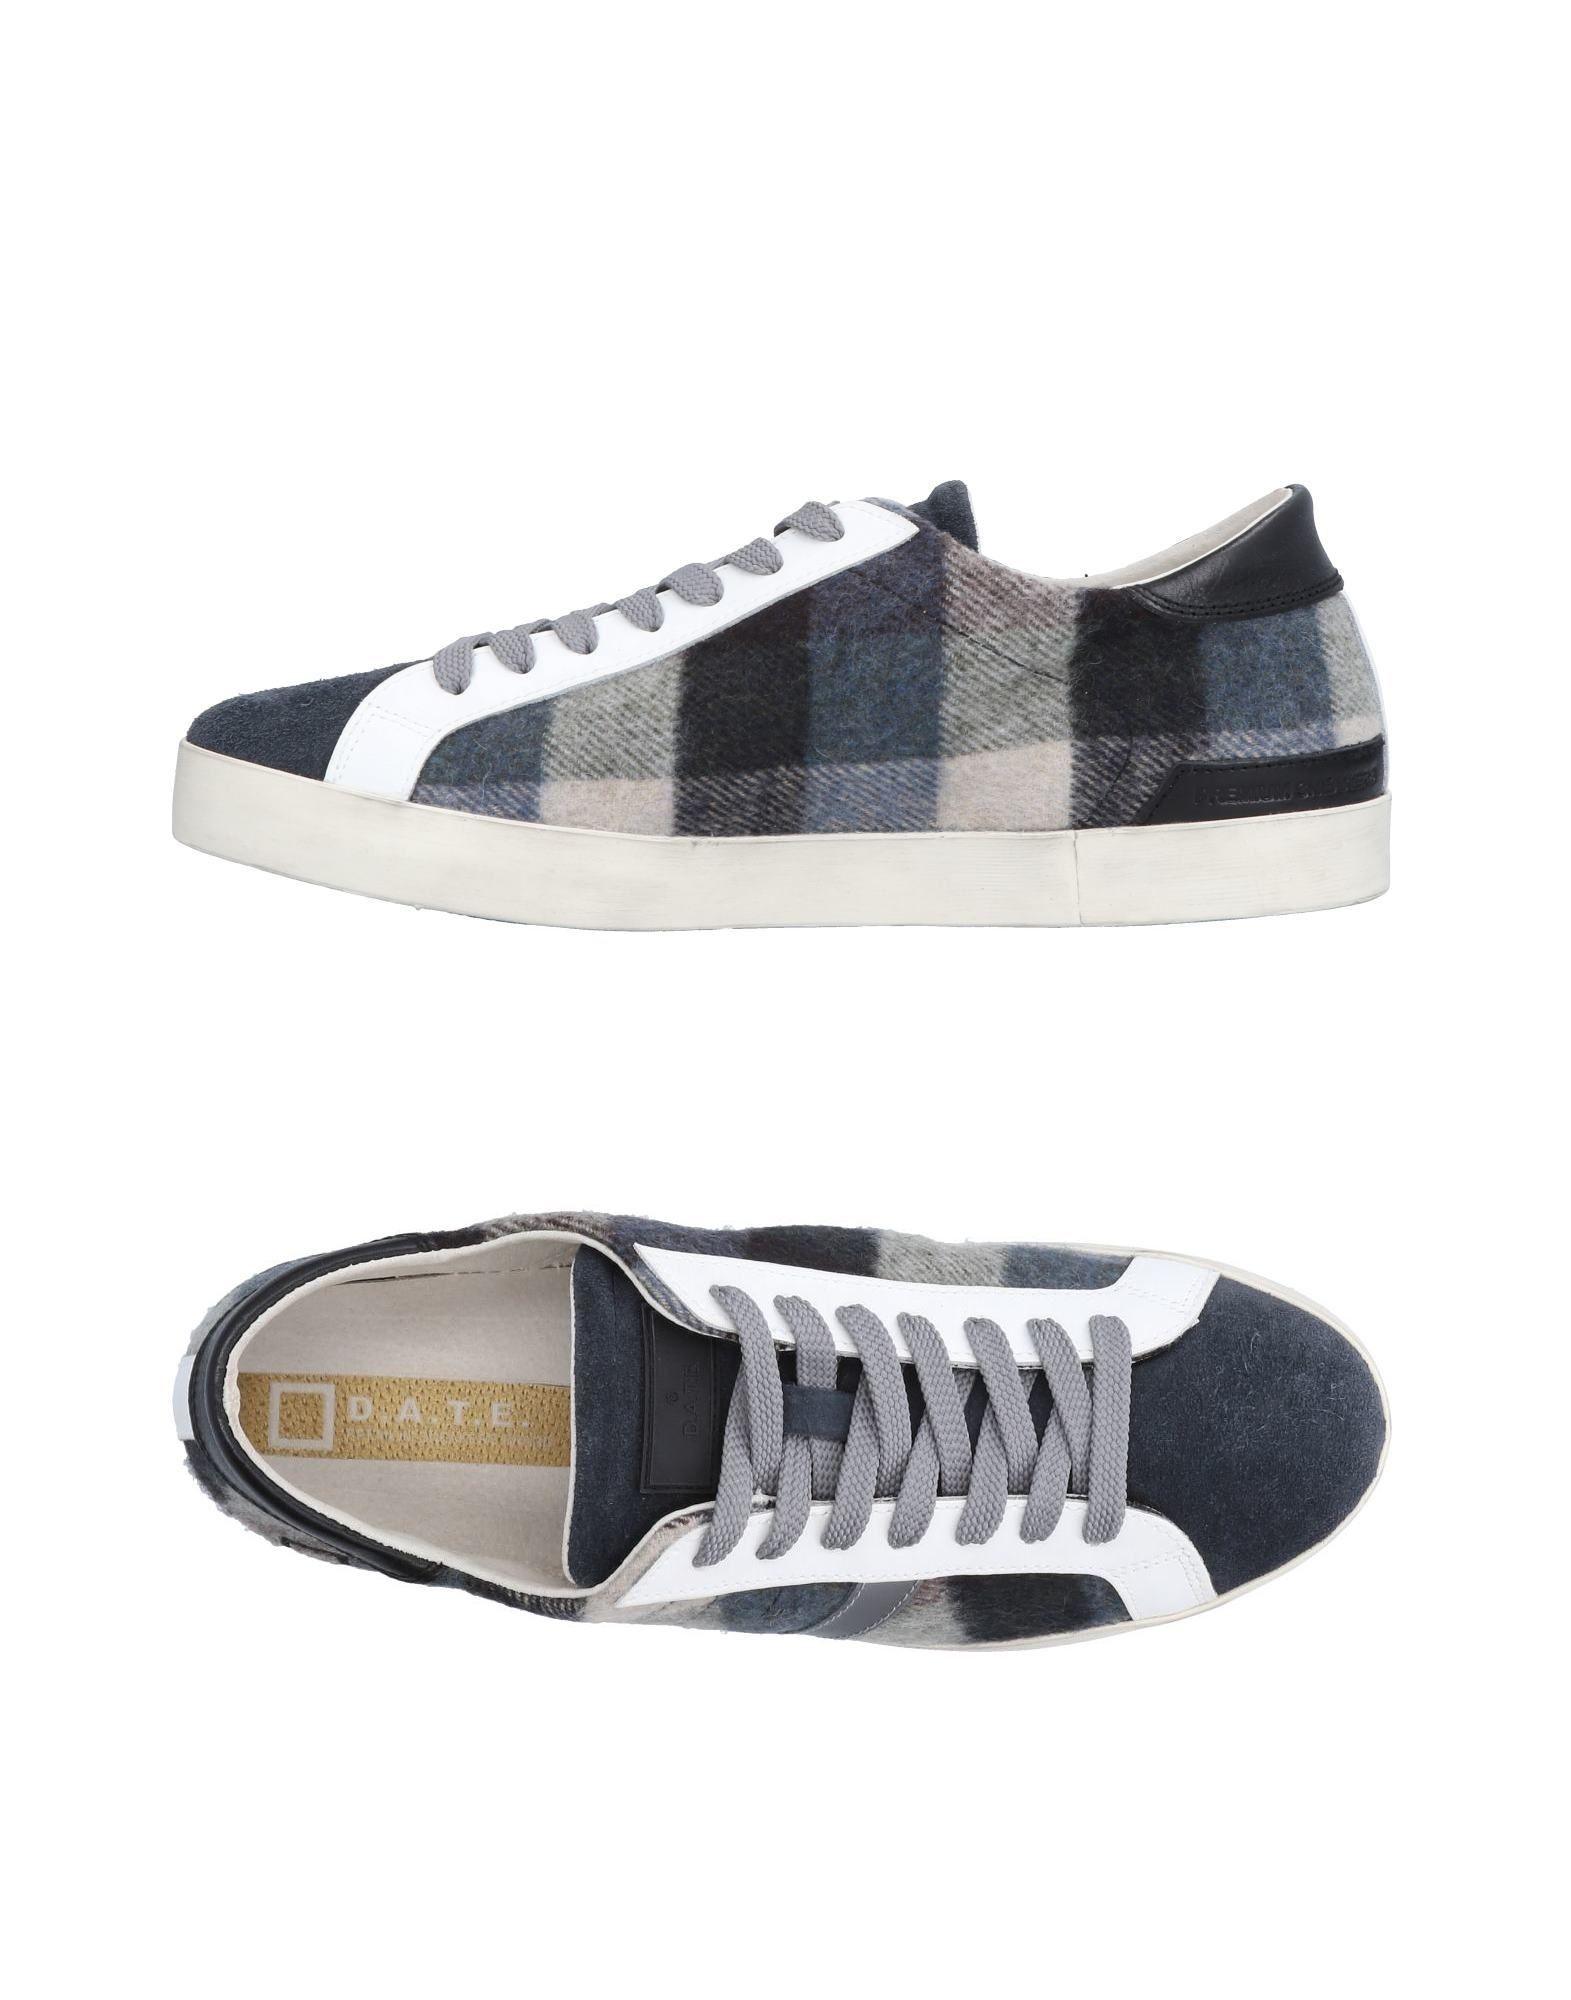 D.A.T.E. Sneakers Herren lohnt Gutes Preis-Leistungs-Verhältnis, es lohnt Herren sich 26e888